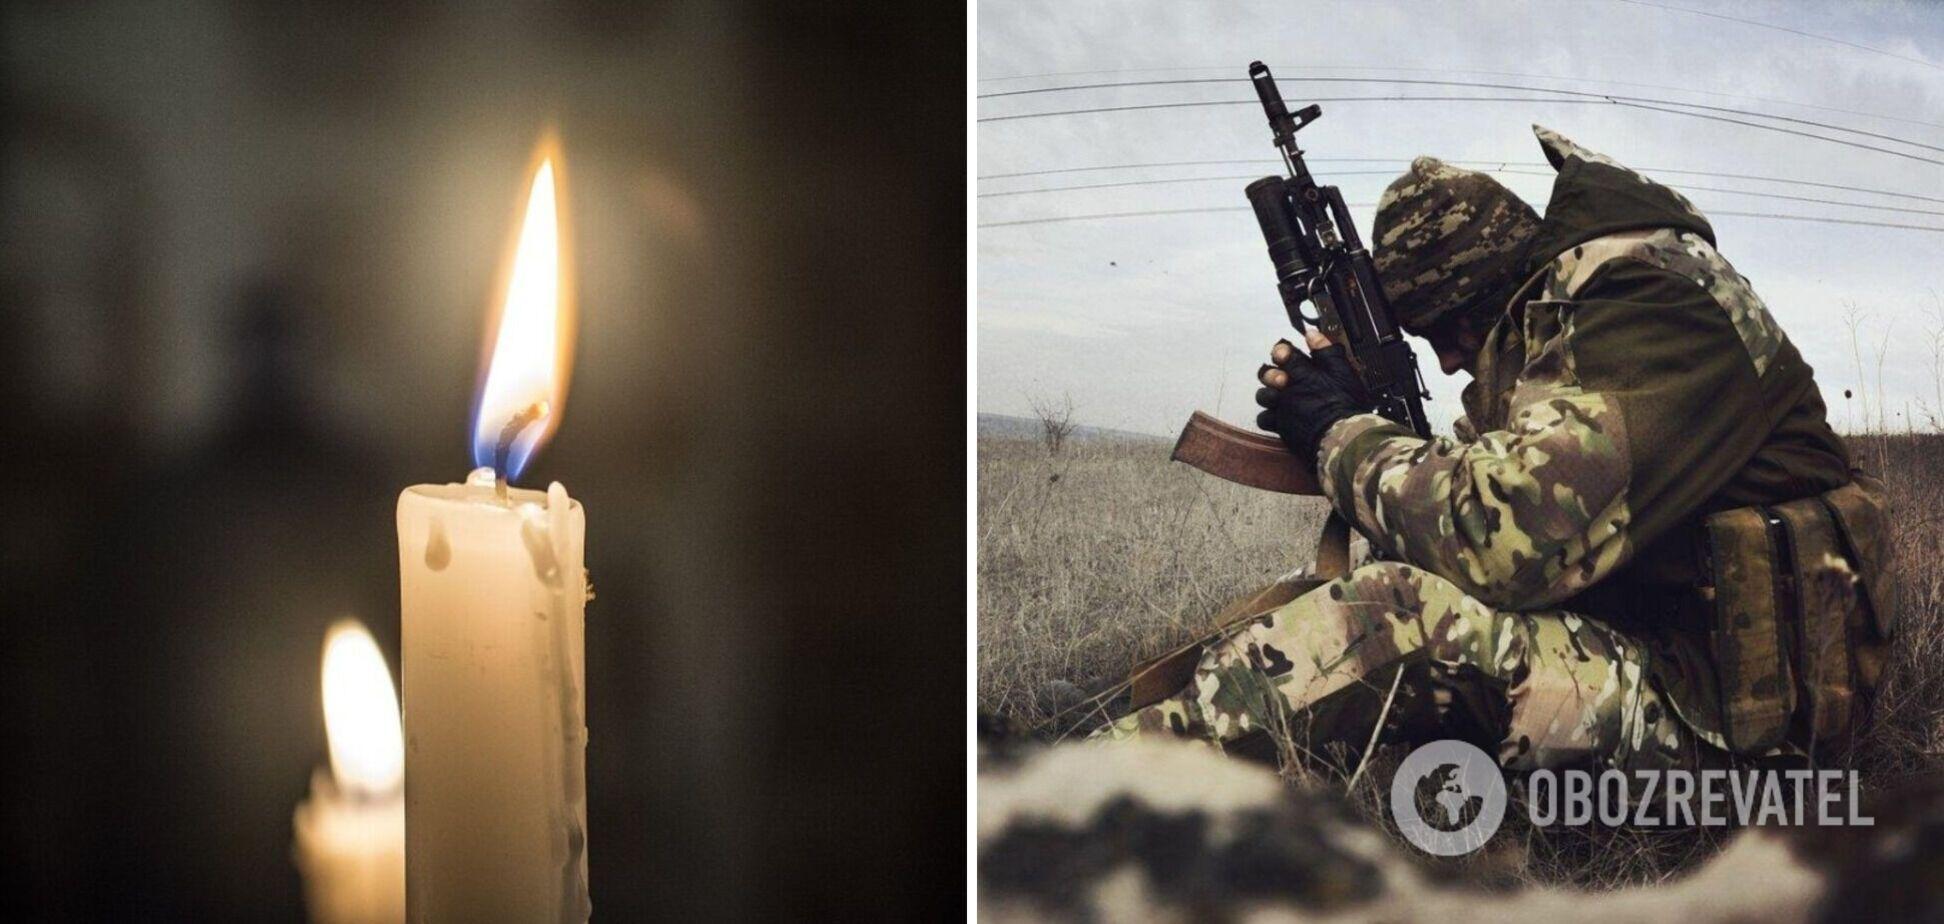 Названо ім'я воїна ЗСУ, який загинув через підрив автомобіля. Фото Героя